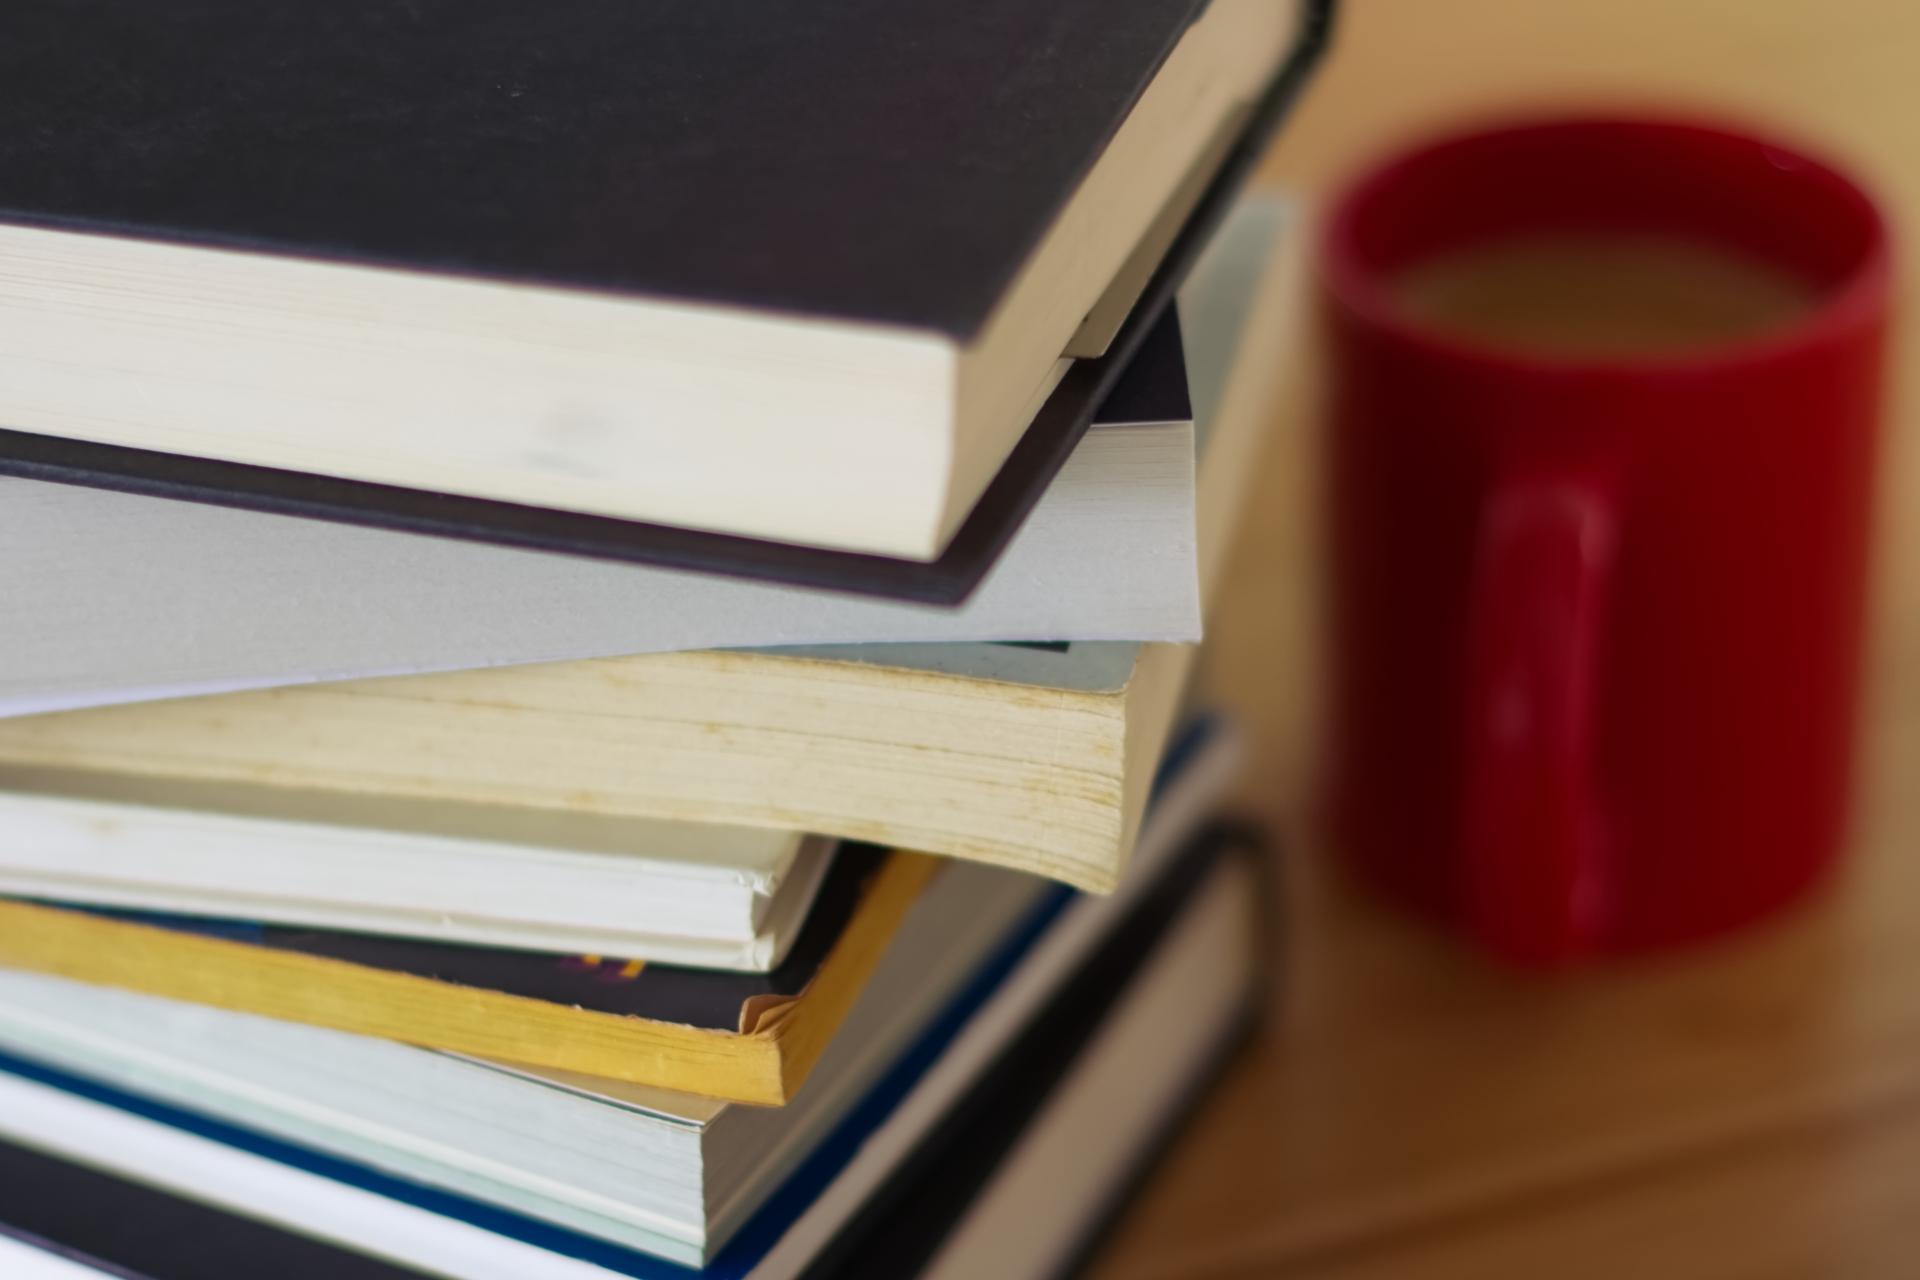 芦屋市、電子図書館サービスを開始[ニュース]